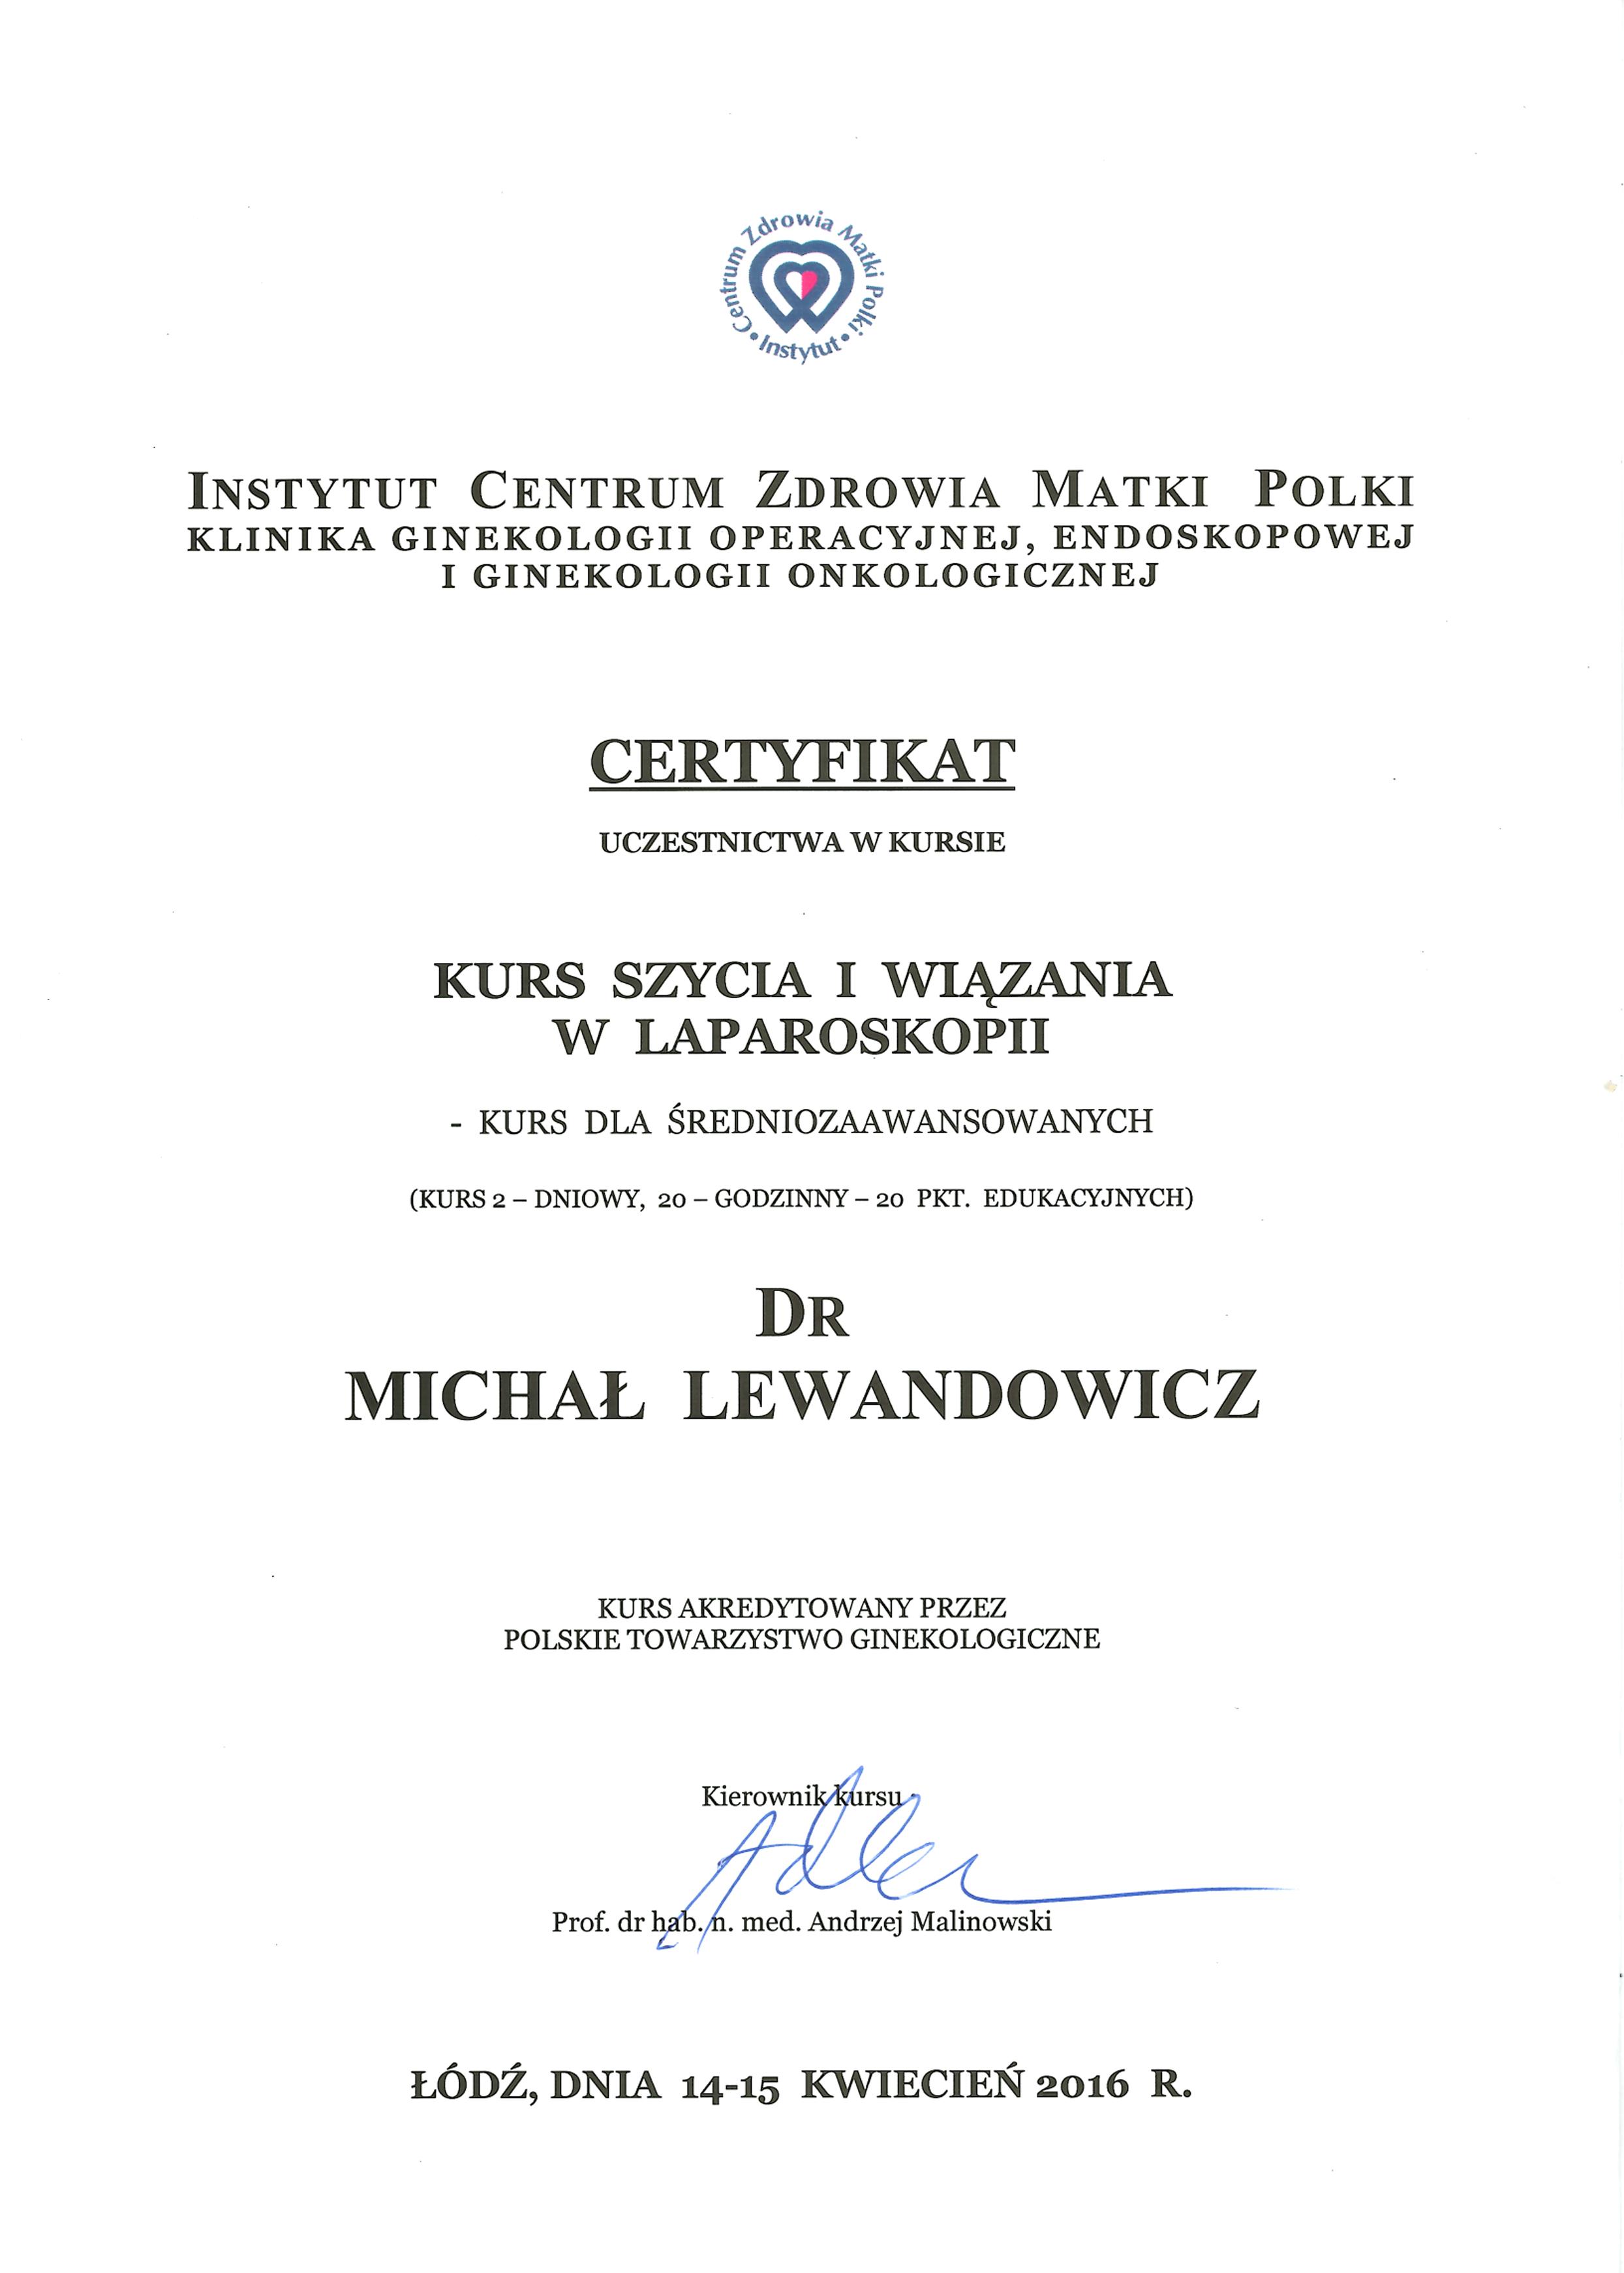 Cert szycie laparoskopowe - dr n. med. Michał Lewandowicz